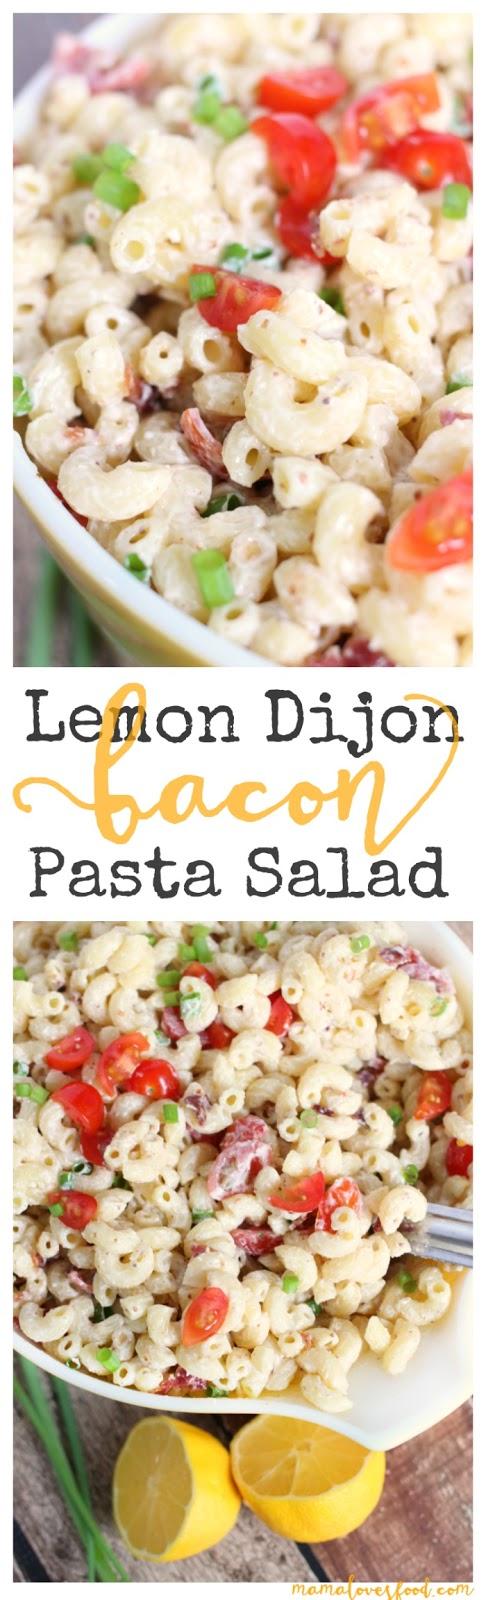 Lemon Dijon Bacon Pasta Salad Recipe